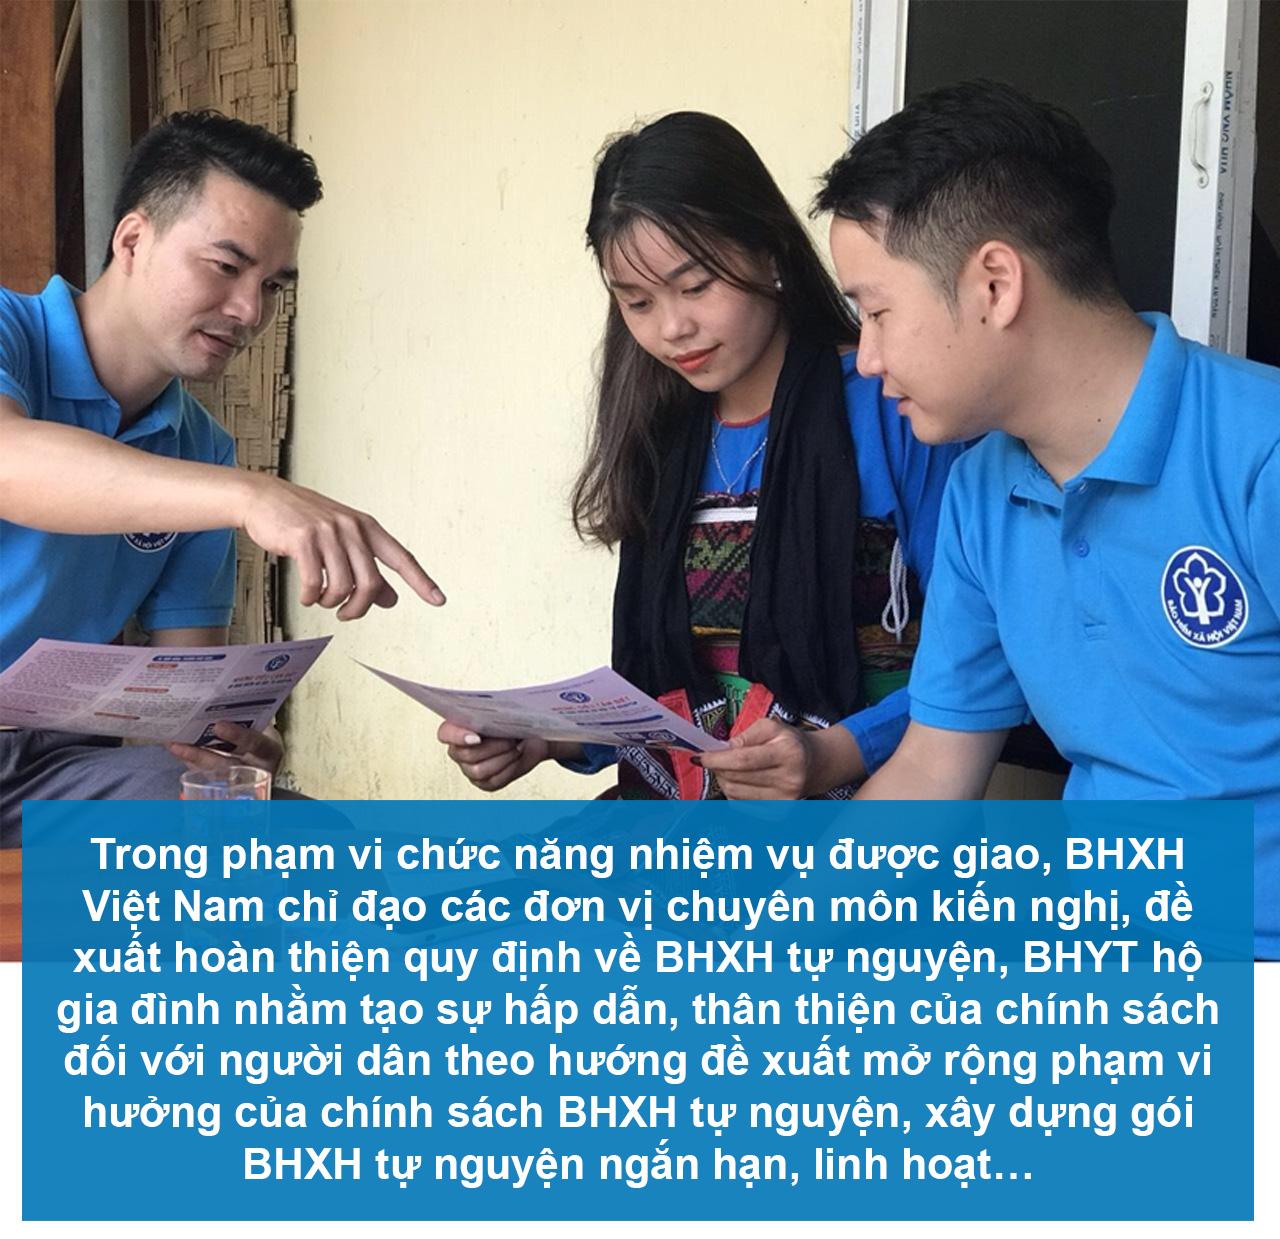 [eMagazine] BHXH tự nguyện: Nỗ lực về đích trước hạn - Ảnh 12.